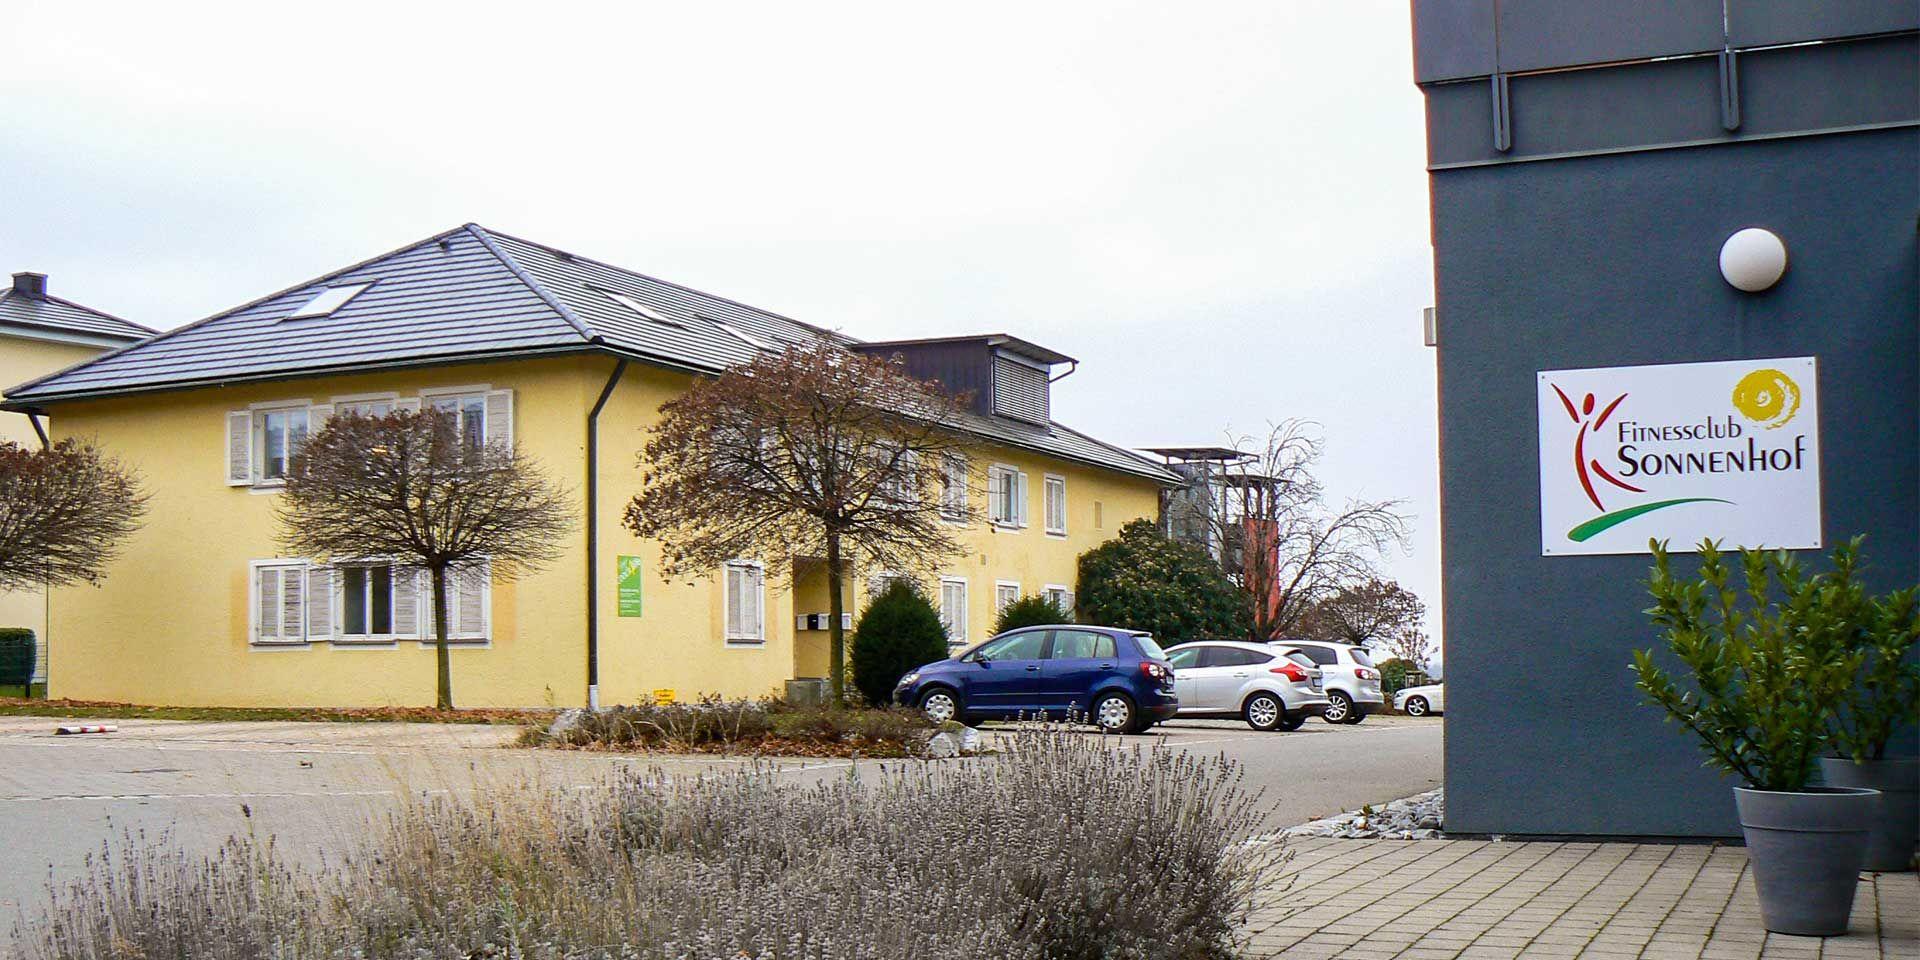 Praxis coach4life in Kressbronn - Gesundheitsberatung und Heilpraktiker am Bodensee